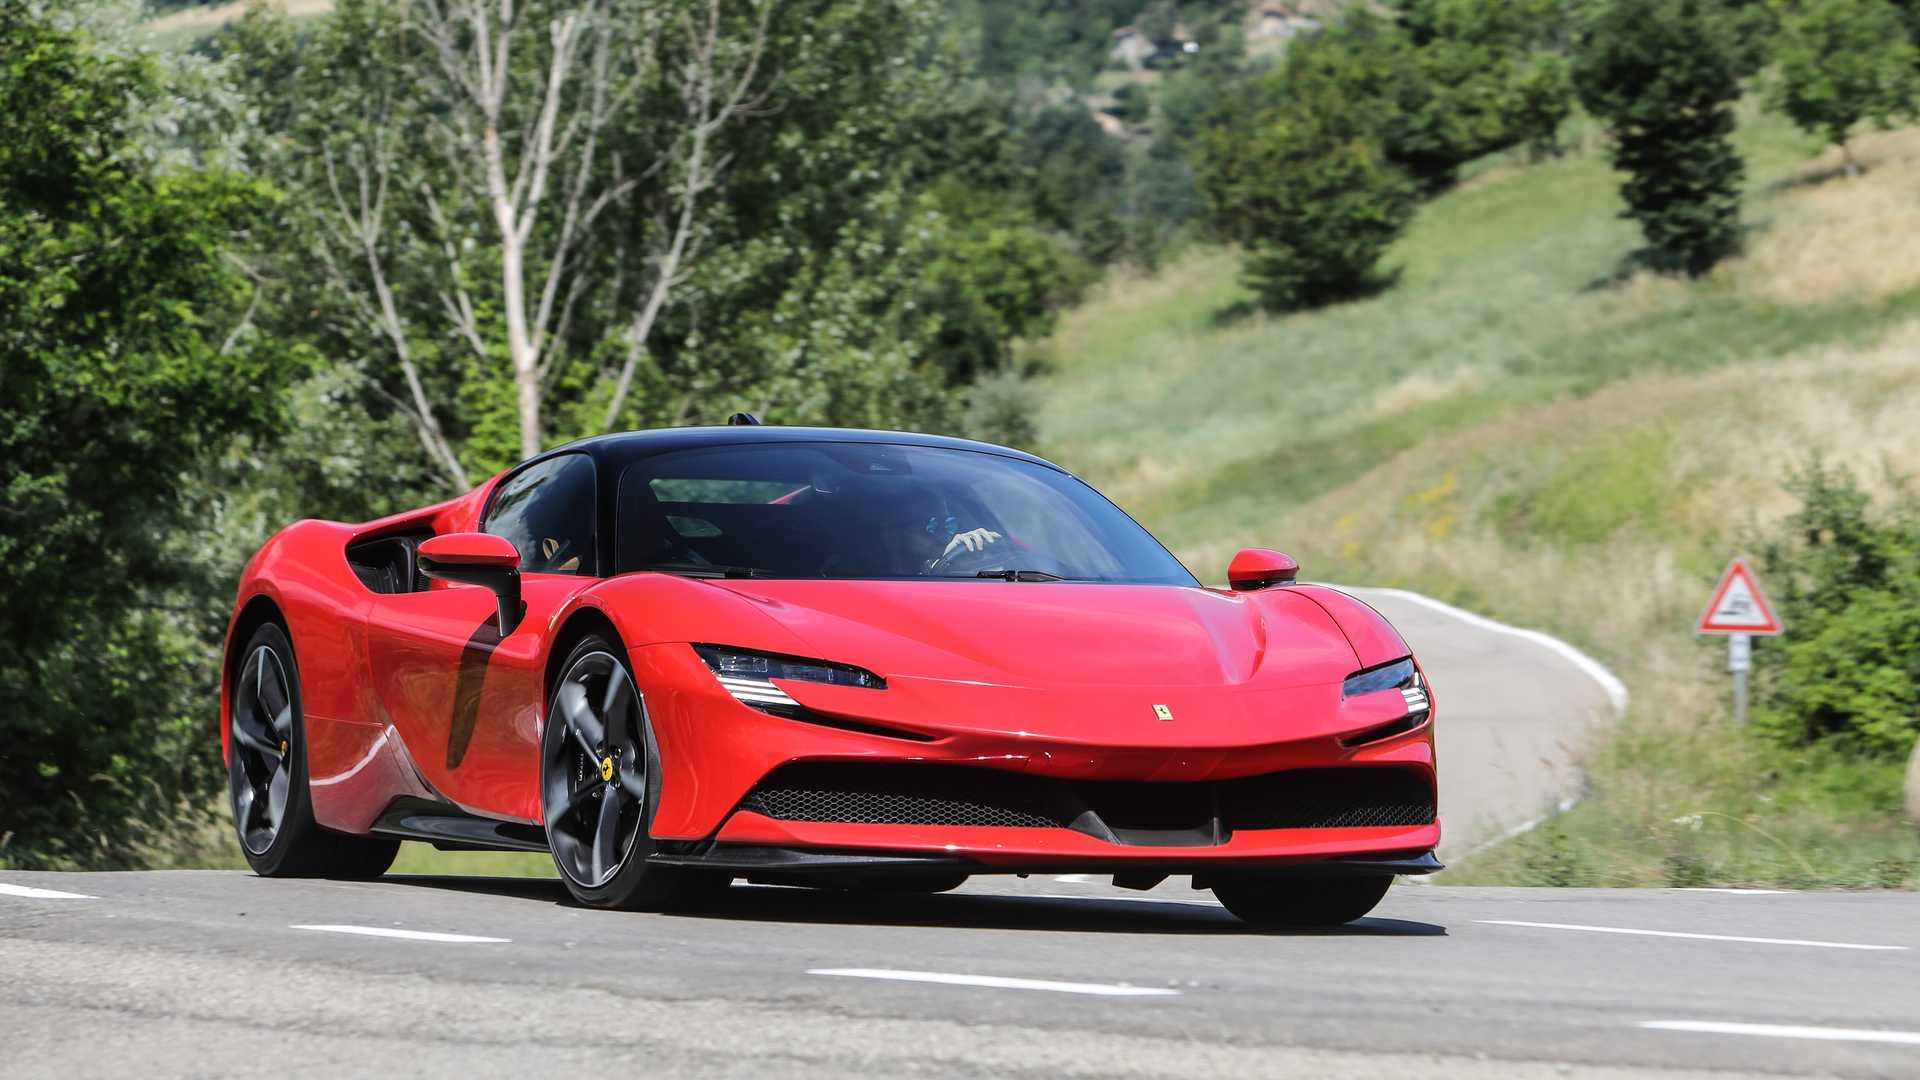 Το κάστρο πέφτει, έρχεται η πρώτη αμιγώς ηλεκτρική Ferrari!